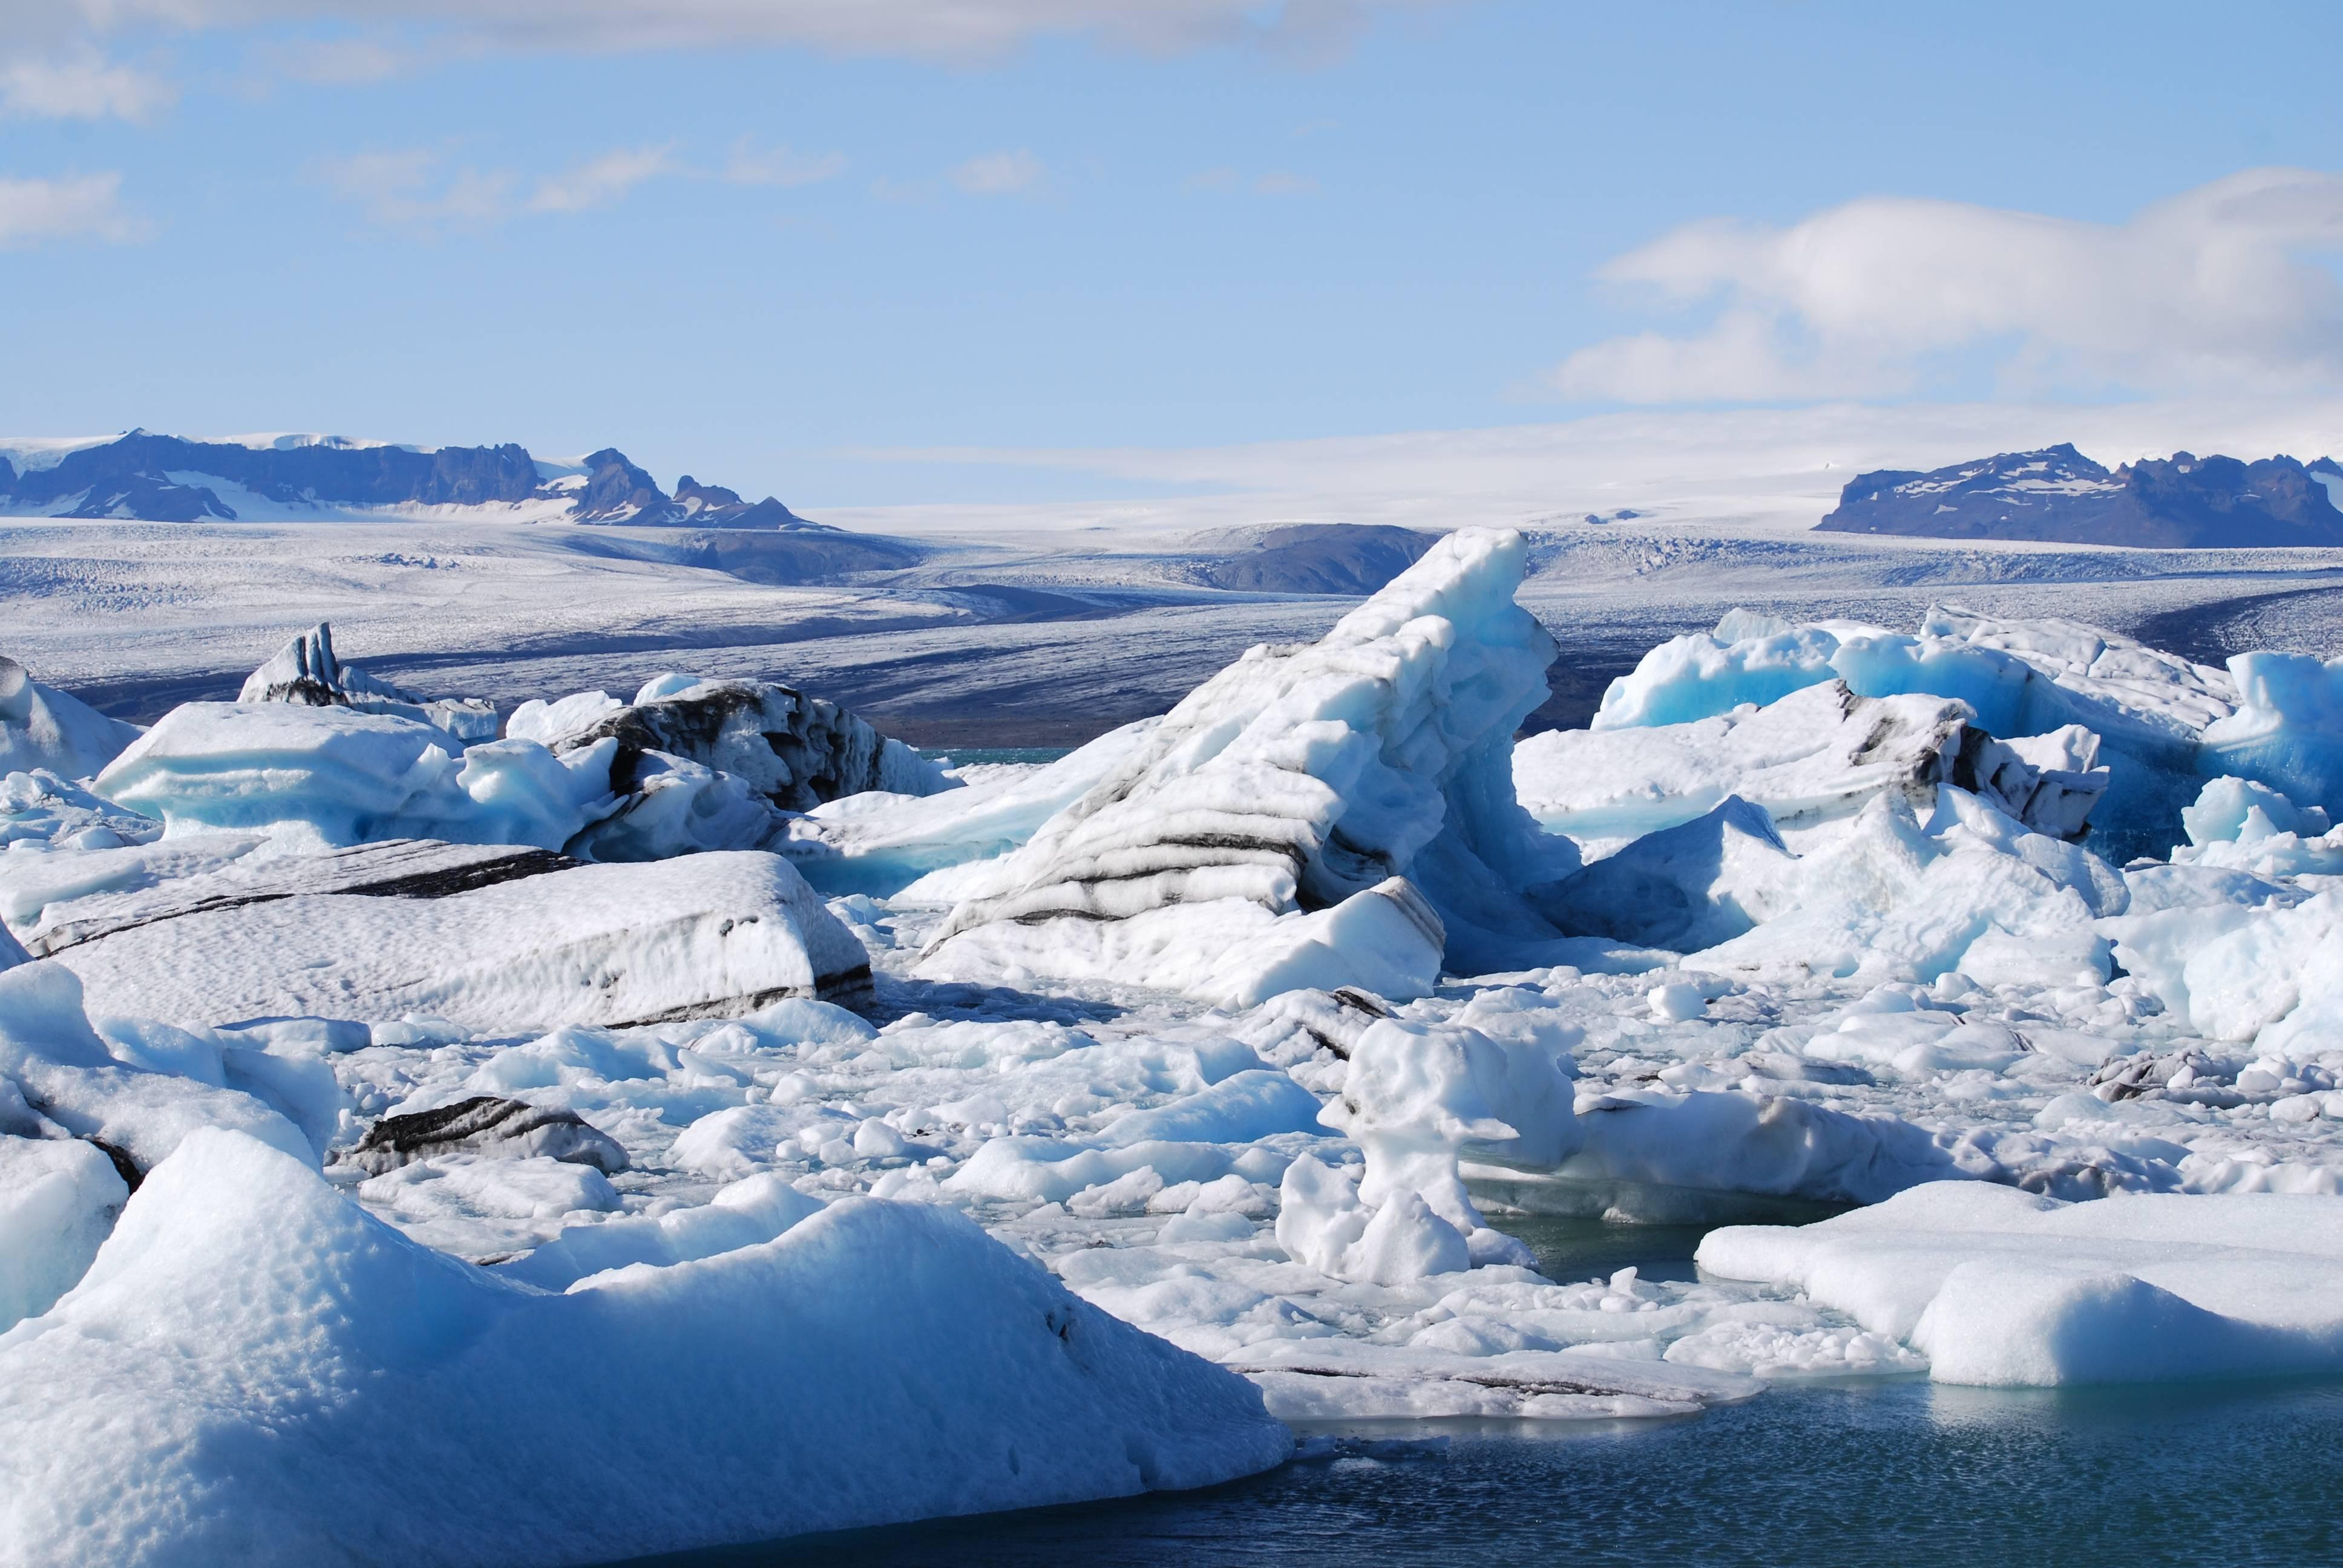 Photo 3: Jokulsarlon, le glacier à voir